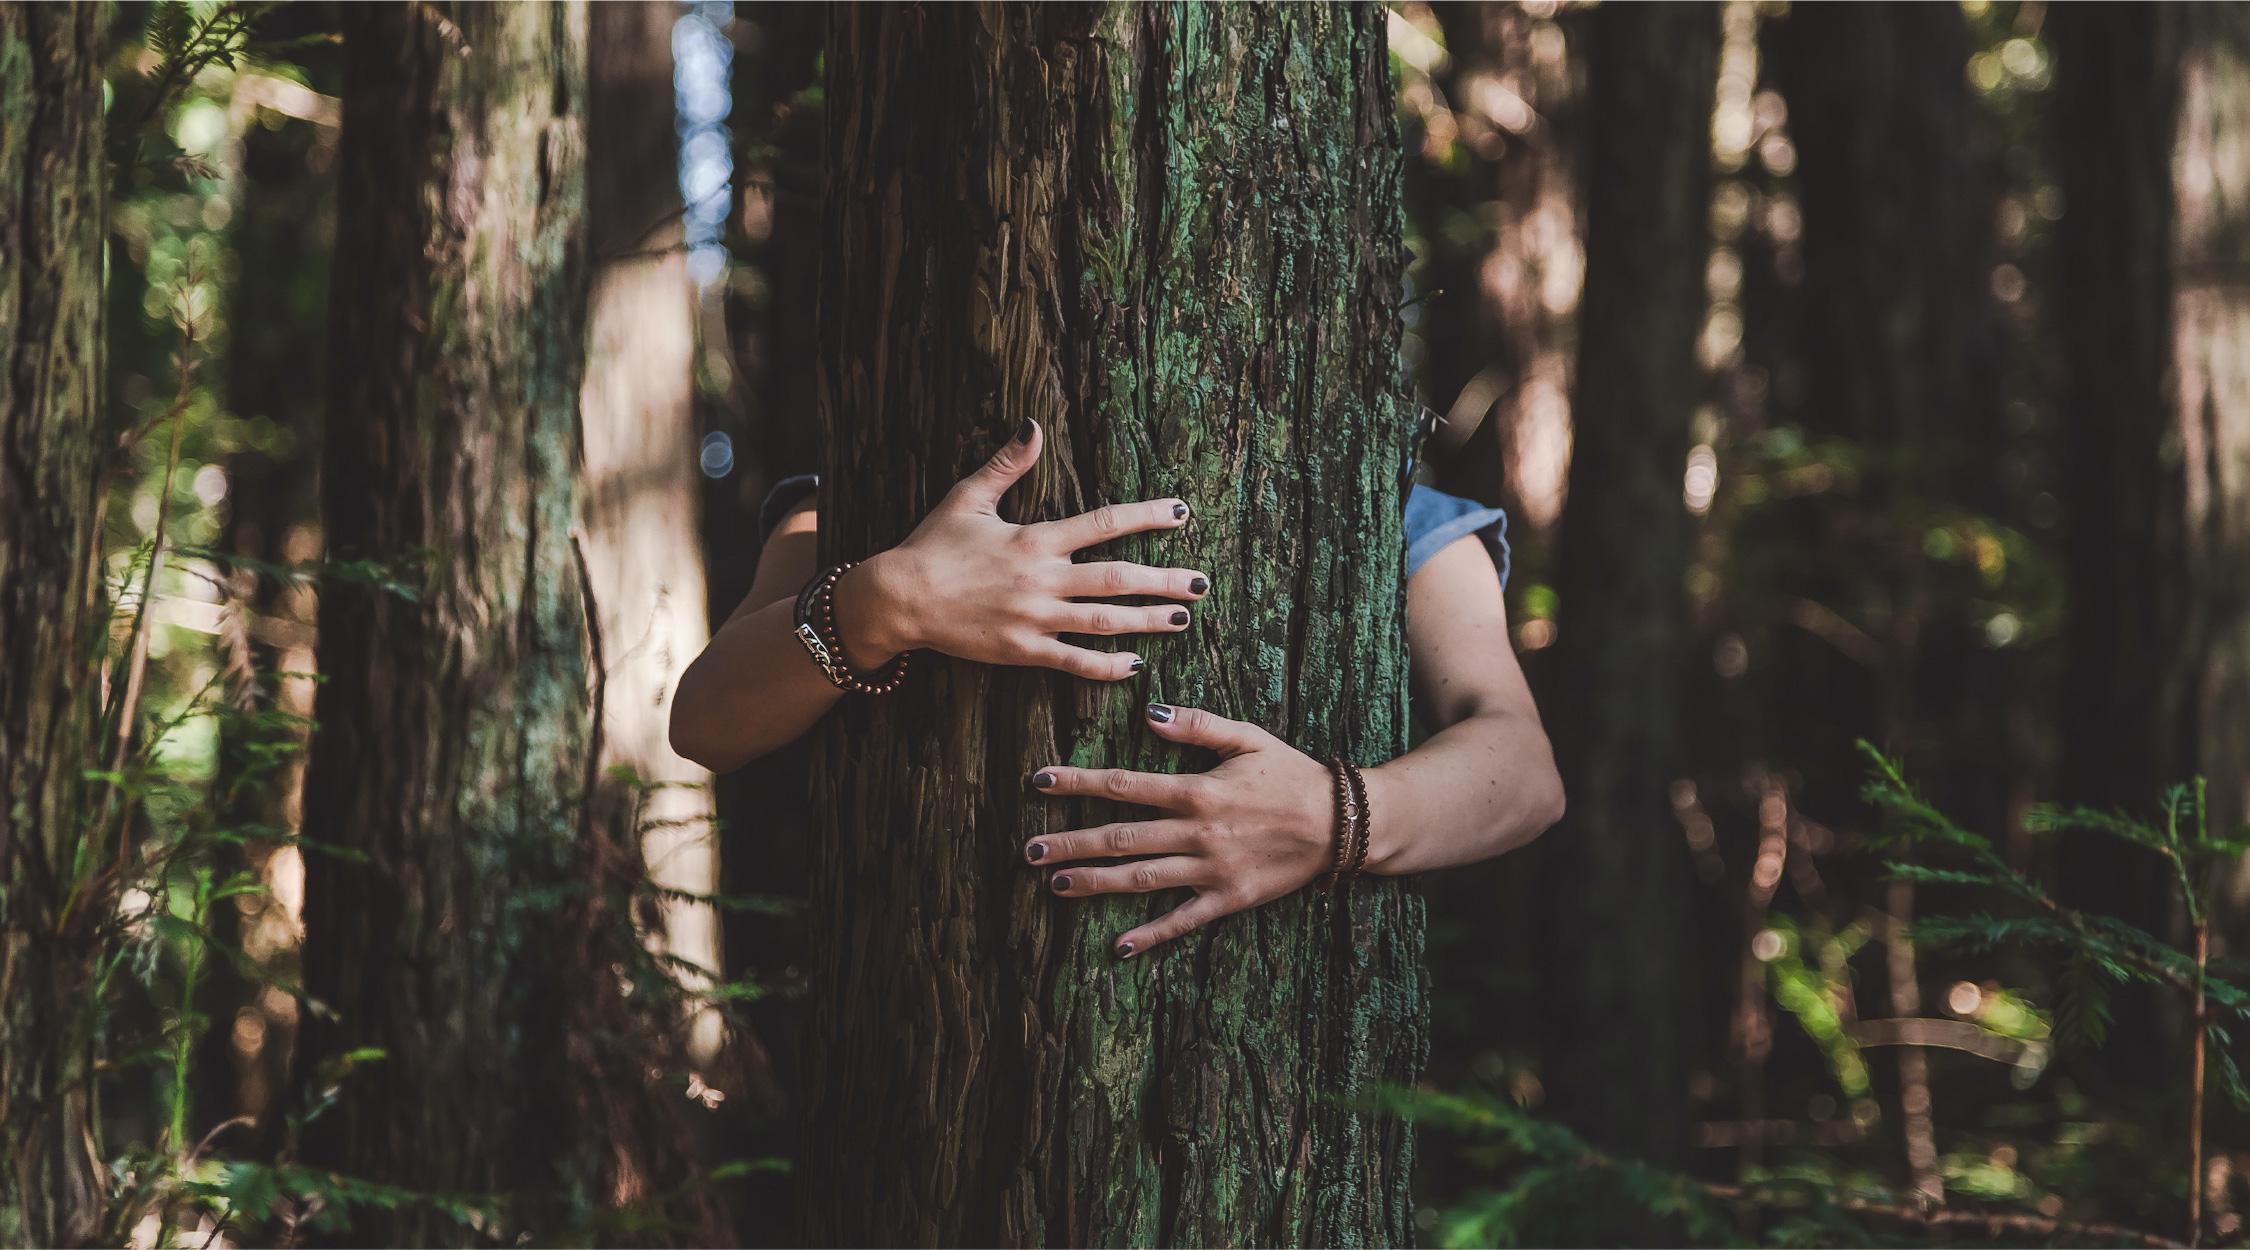 abbraccio profumo di vita intera_5